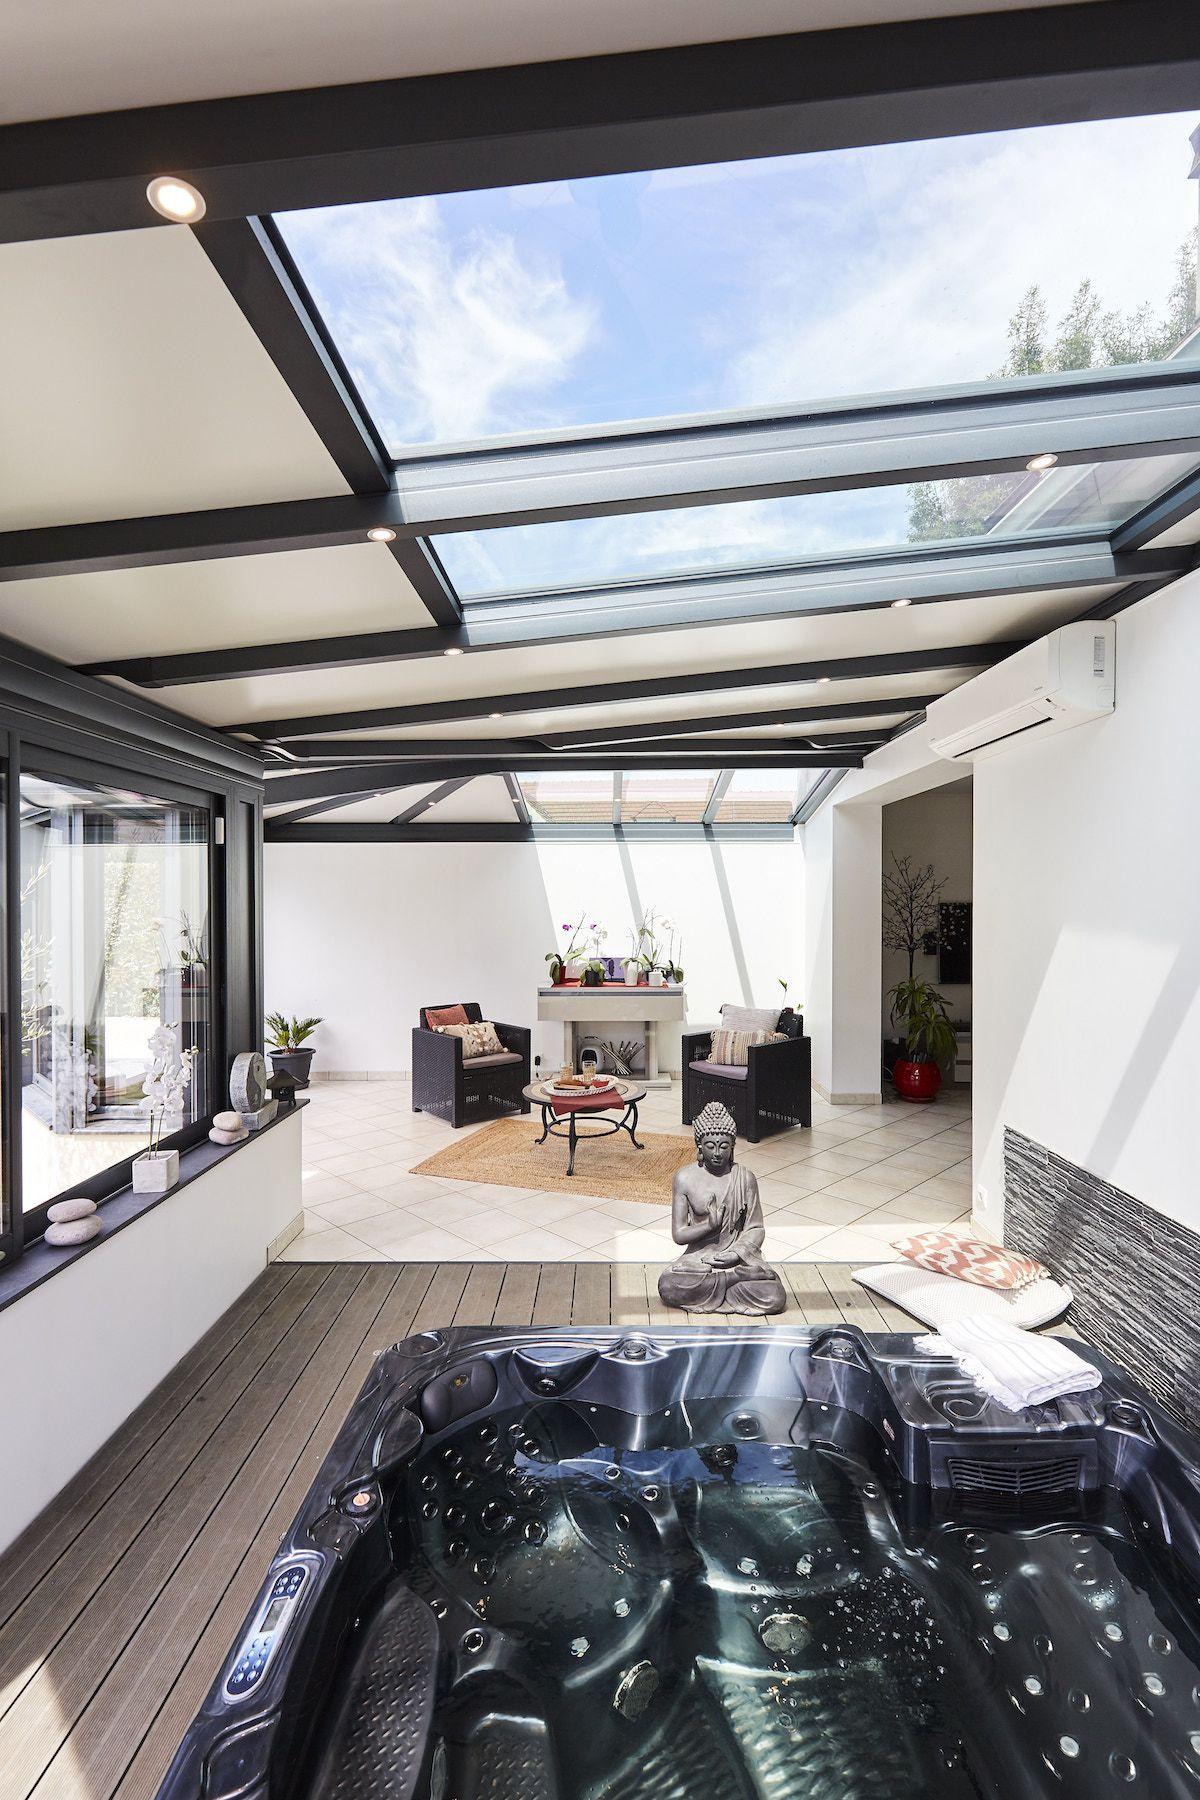 Profitez de l'extension de place que vous offre votre véranda pour en faire un espace atypique ...